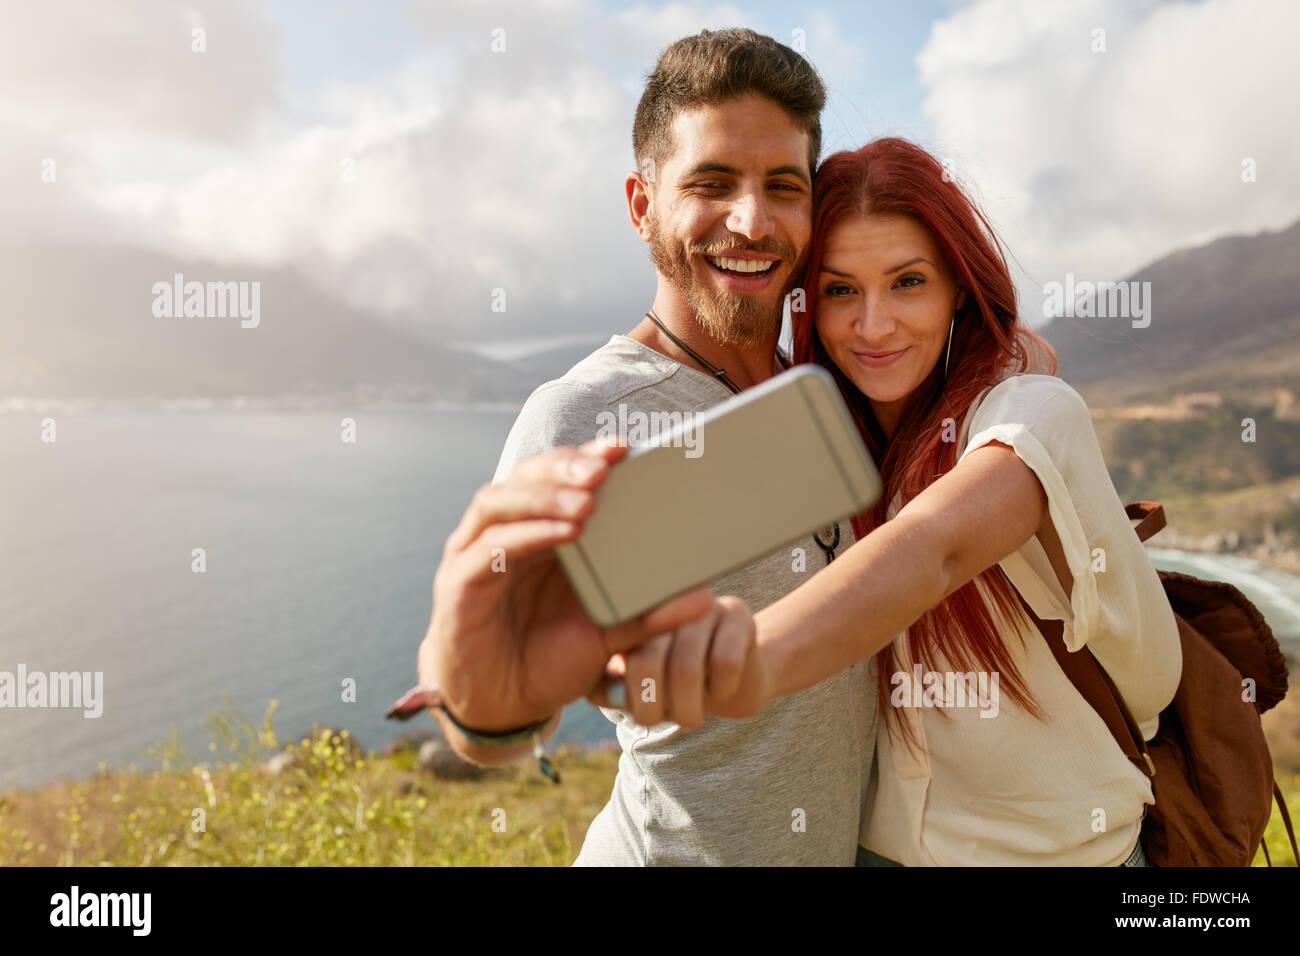 Junges Paar Wandern nehmen Selfie mit Ihrem Smartphone. Glücklicher junger Mann und Frau Rücknahme Selbstporträt Stockfoto